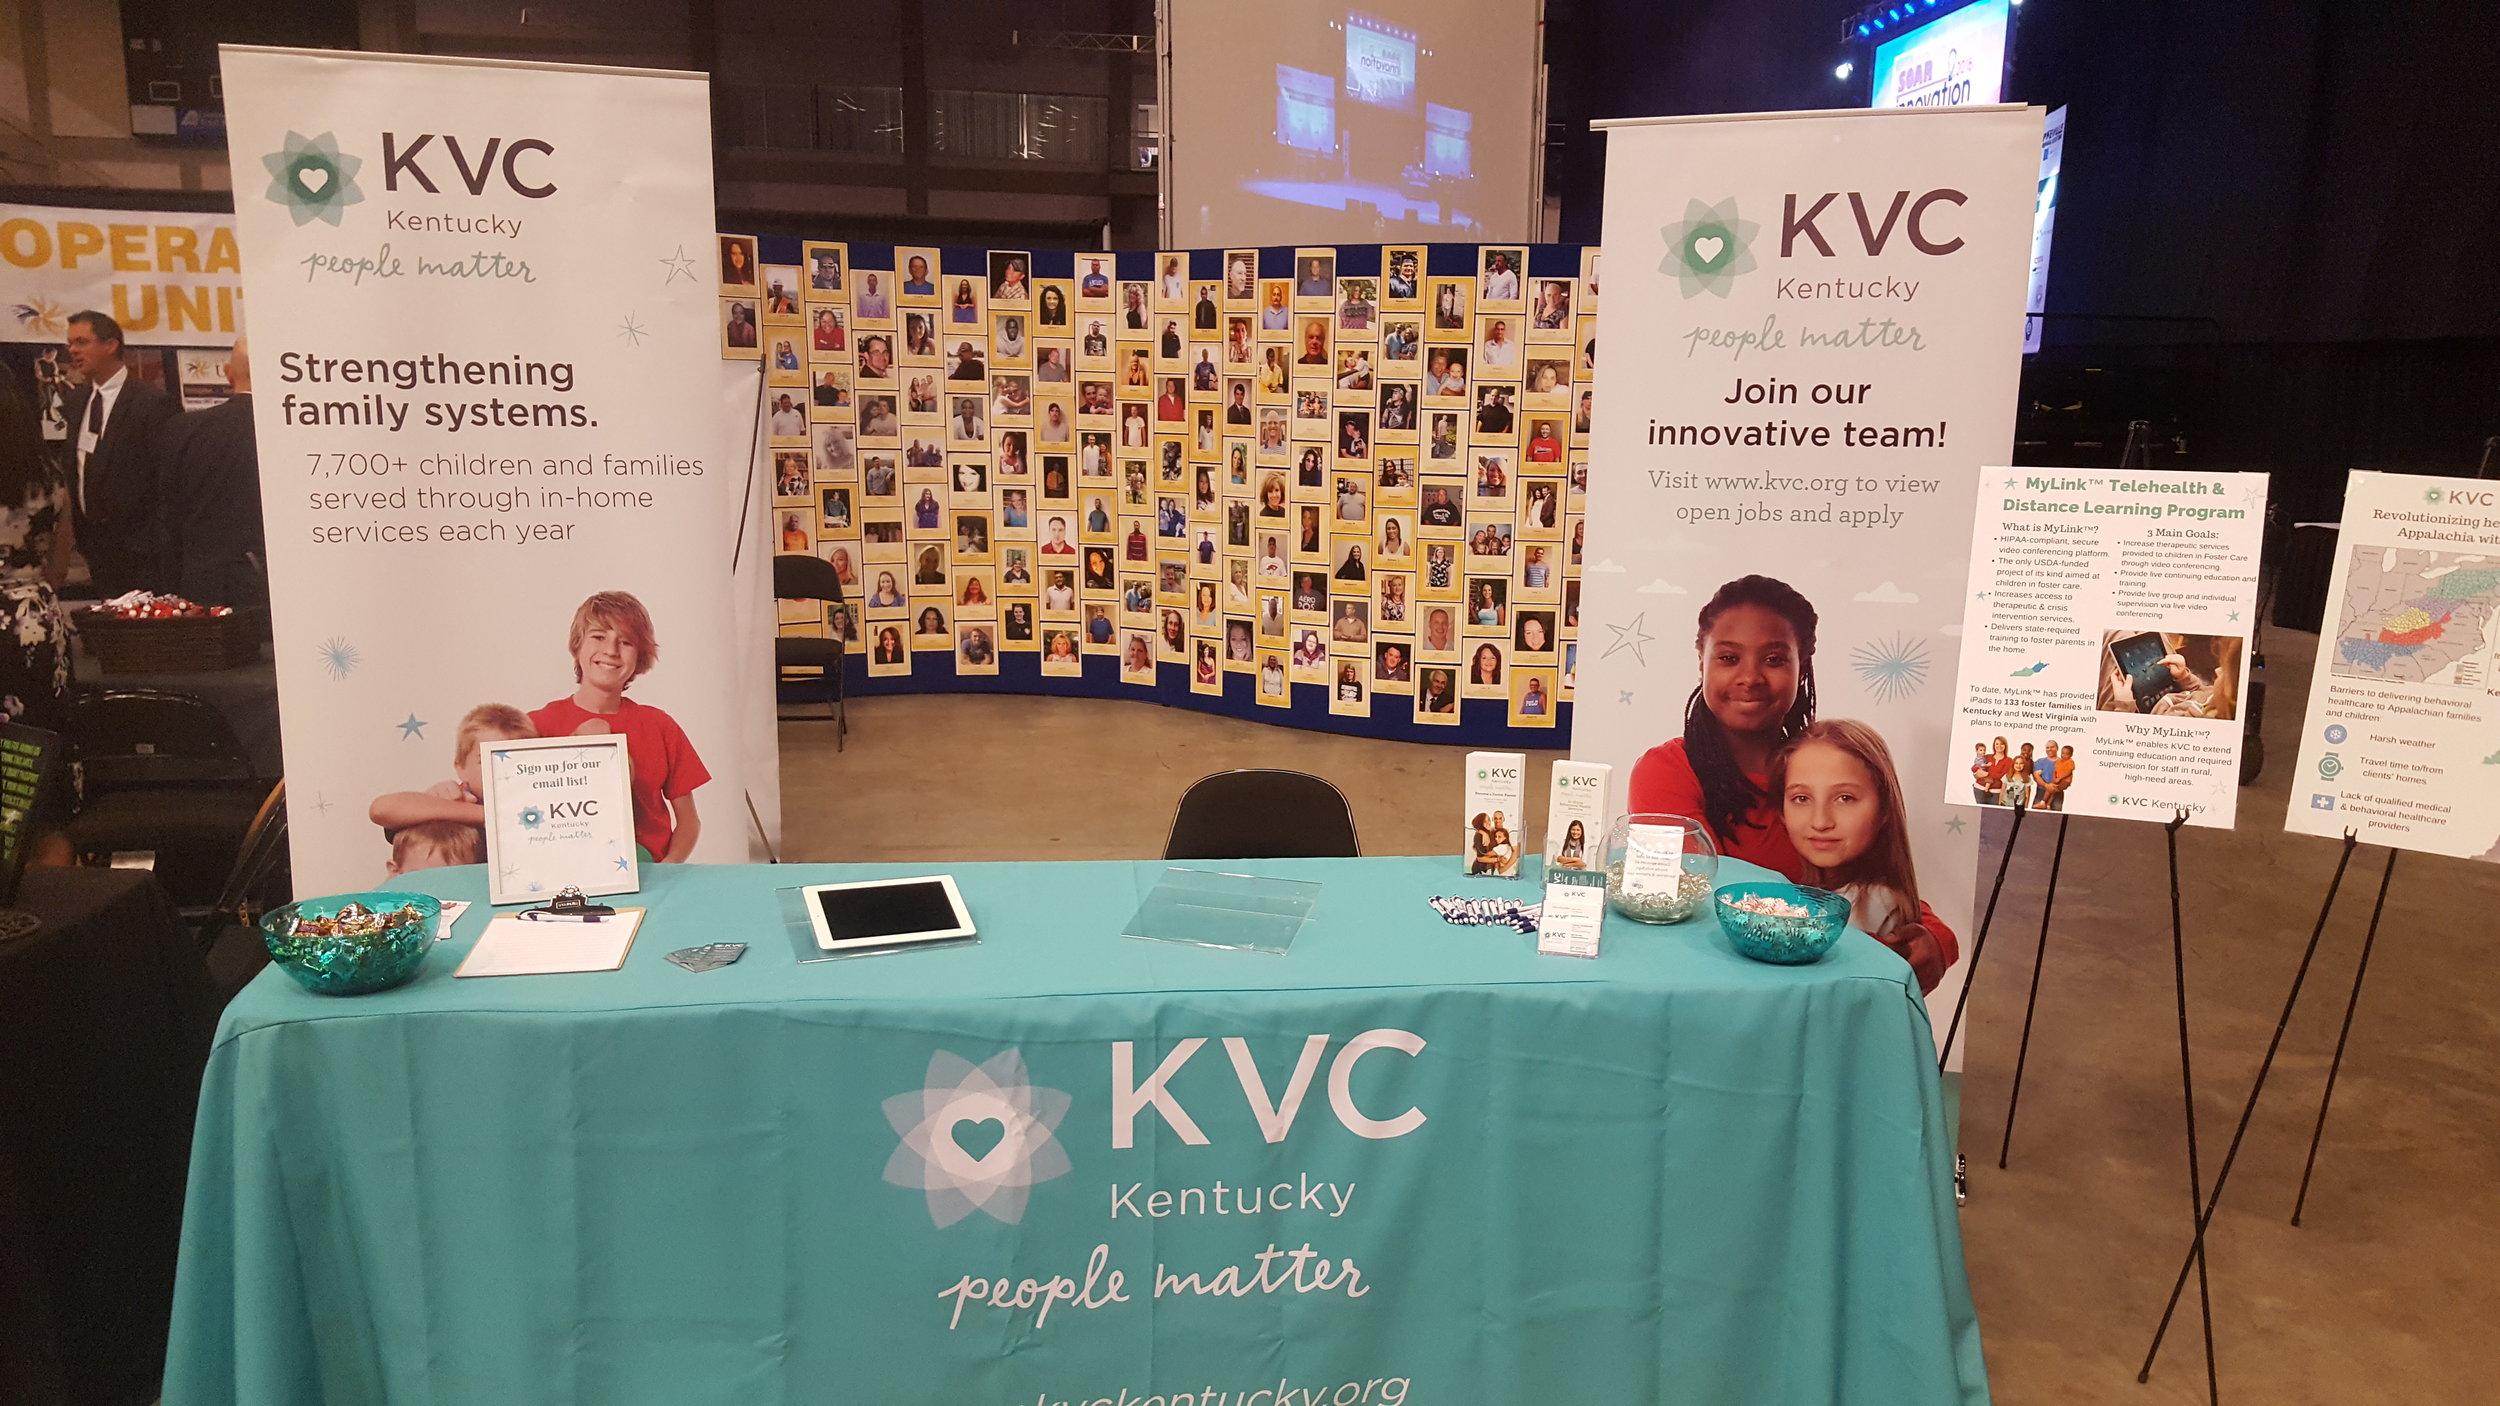 KVC - Kentucky People Matter.jpg